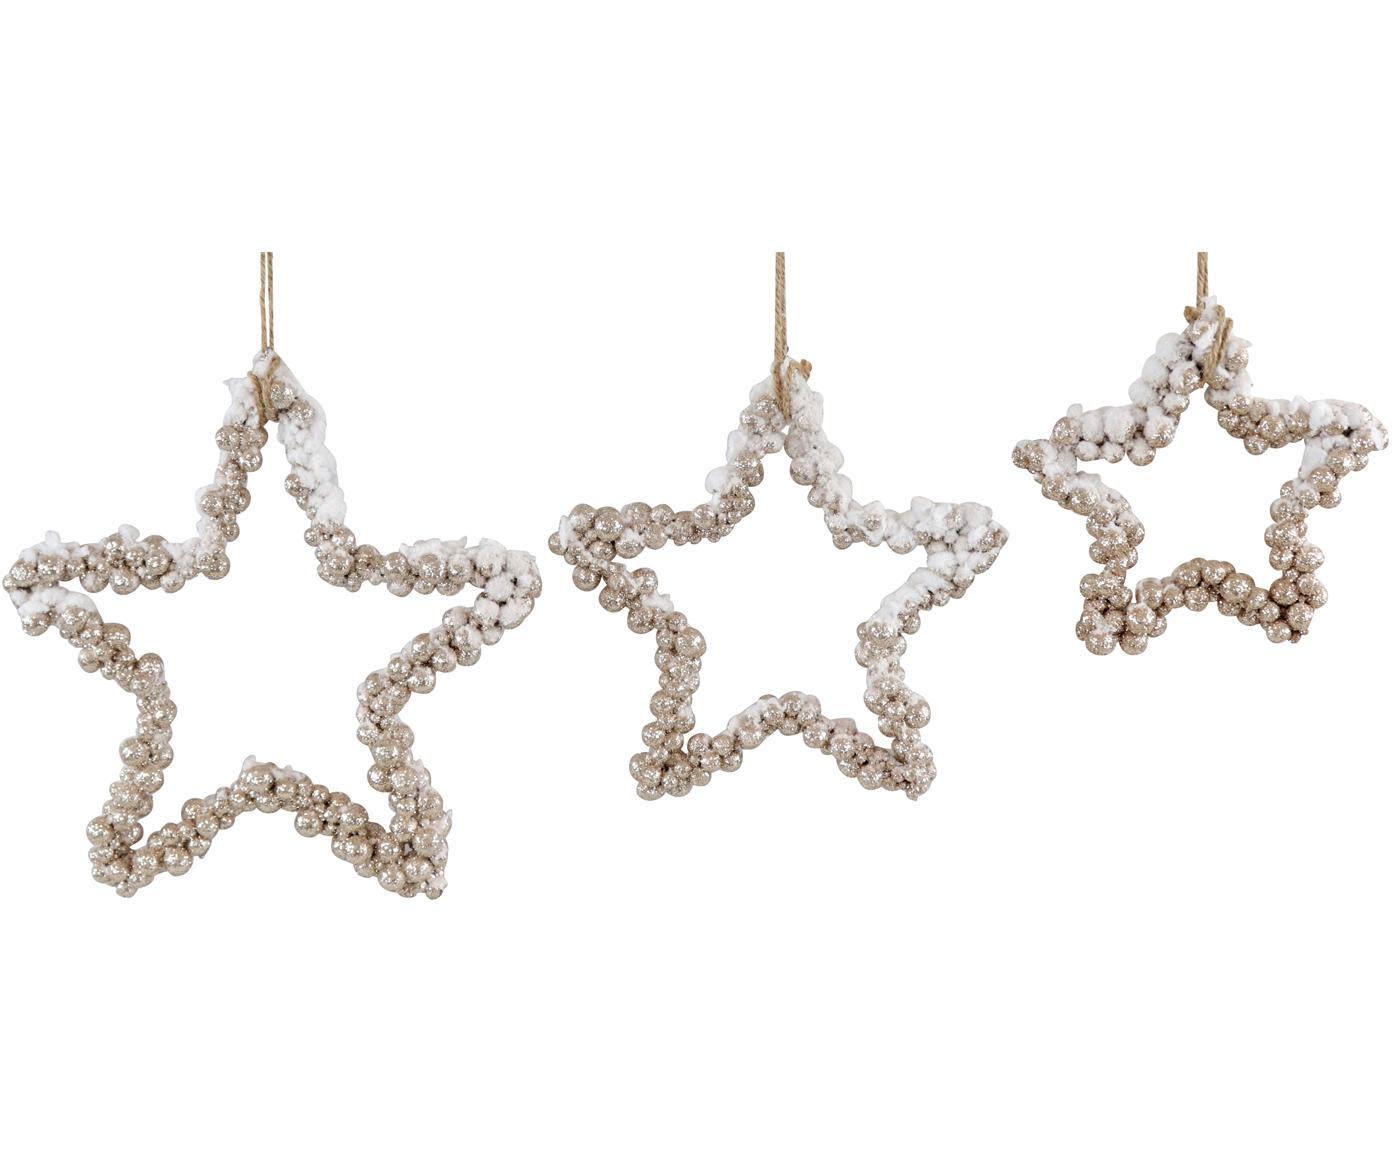 Komplet dekoracji wiszących Snowy, 3 elem., Styropian, tworzywo sztuczne, metal, drewno naturalne, Odcienie złotego, Komplet z różnymi rozmiarami